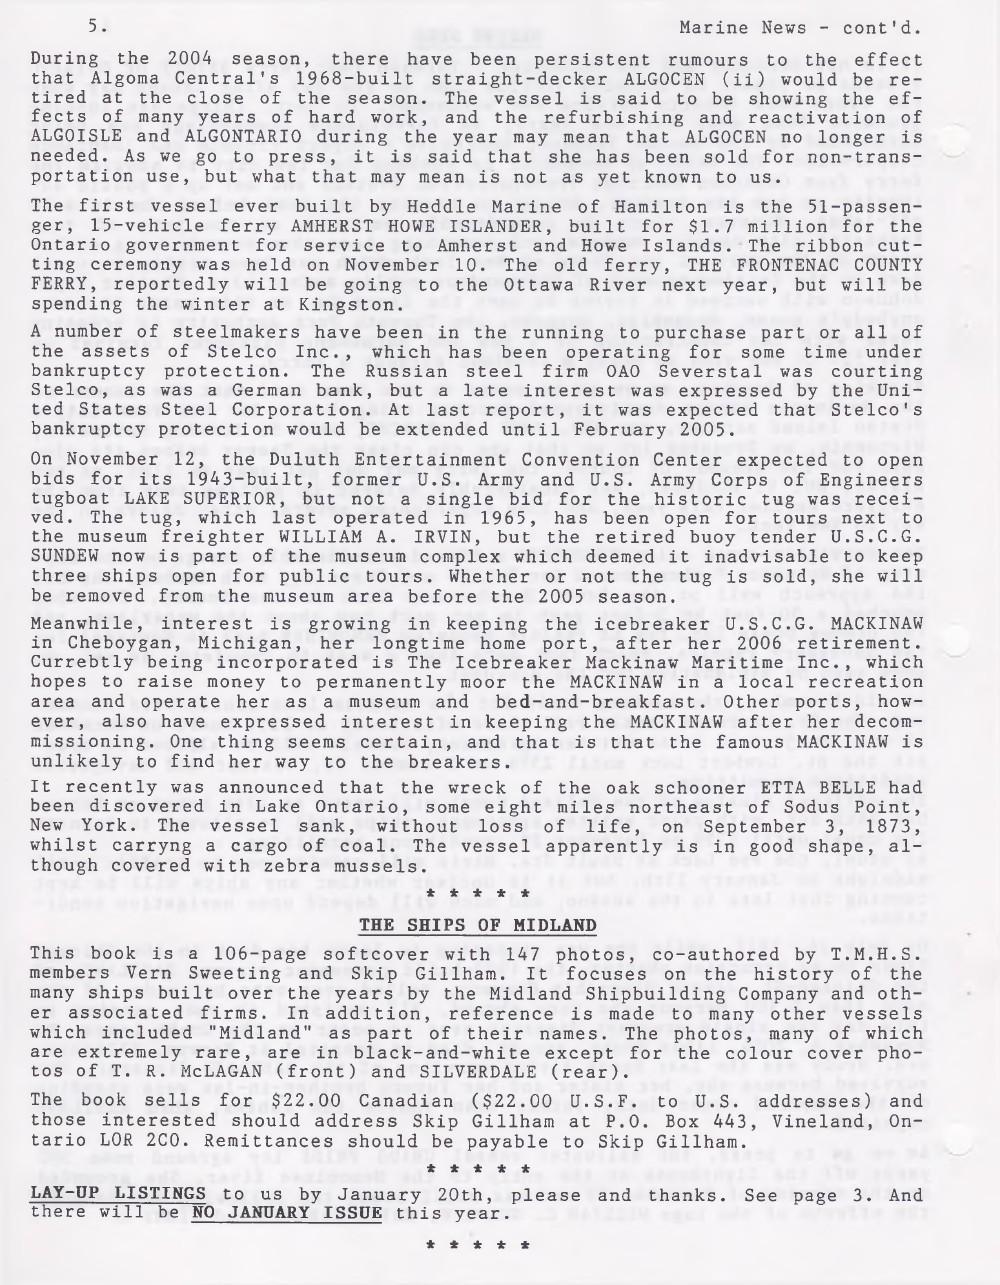 Scanner, v. 37, no. 3 (December 2004)